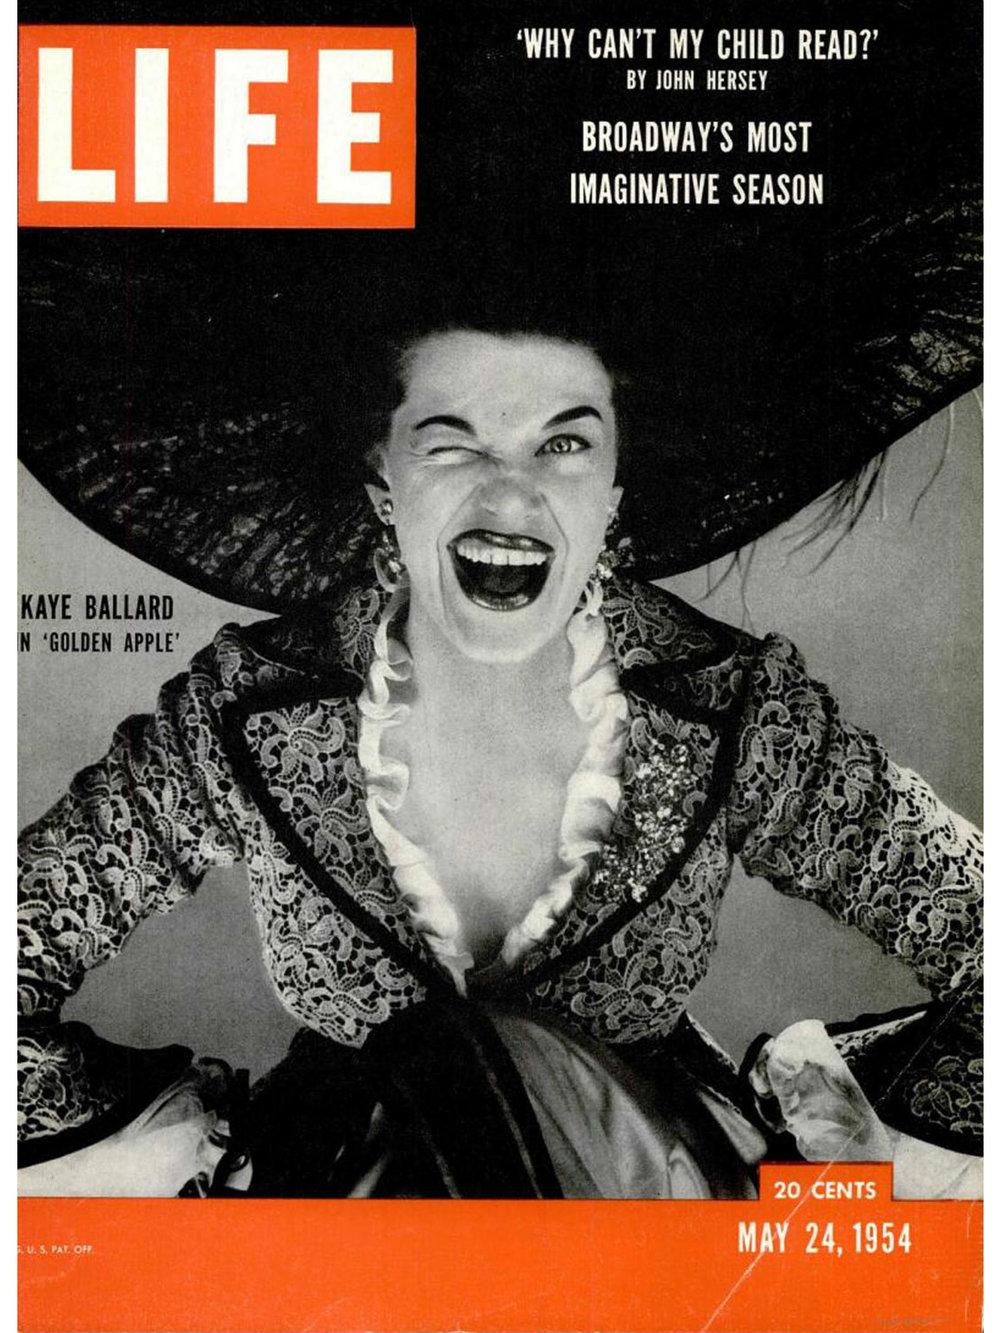 LIFE, May 24, 1954